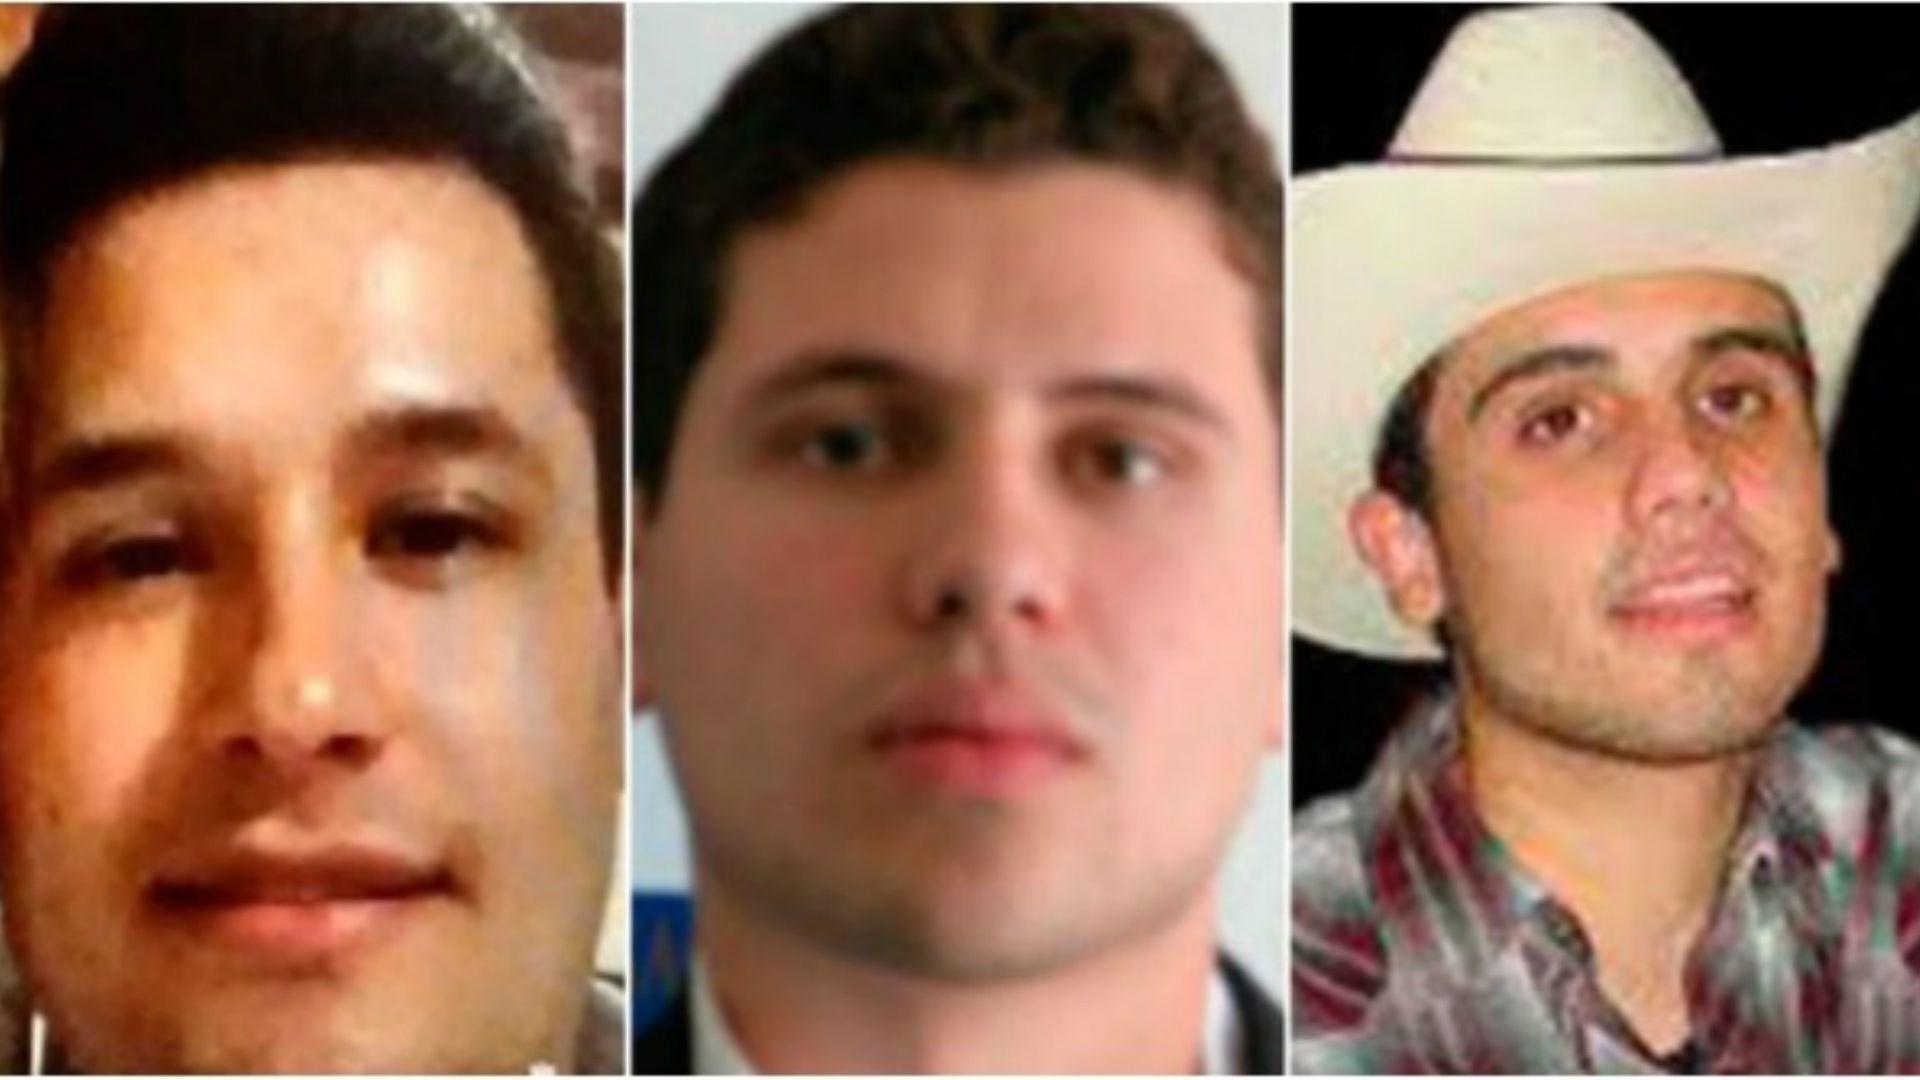 """Jesús Alfredo, Iván Archibaldo y Ovidio Guzmán, """"Los Chapitos"""", han sido señalados como miembros activos del Cártel de Sinaloa  (Foto: archivo)"""